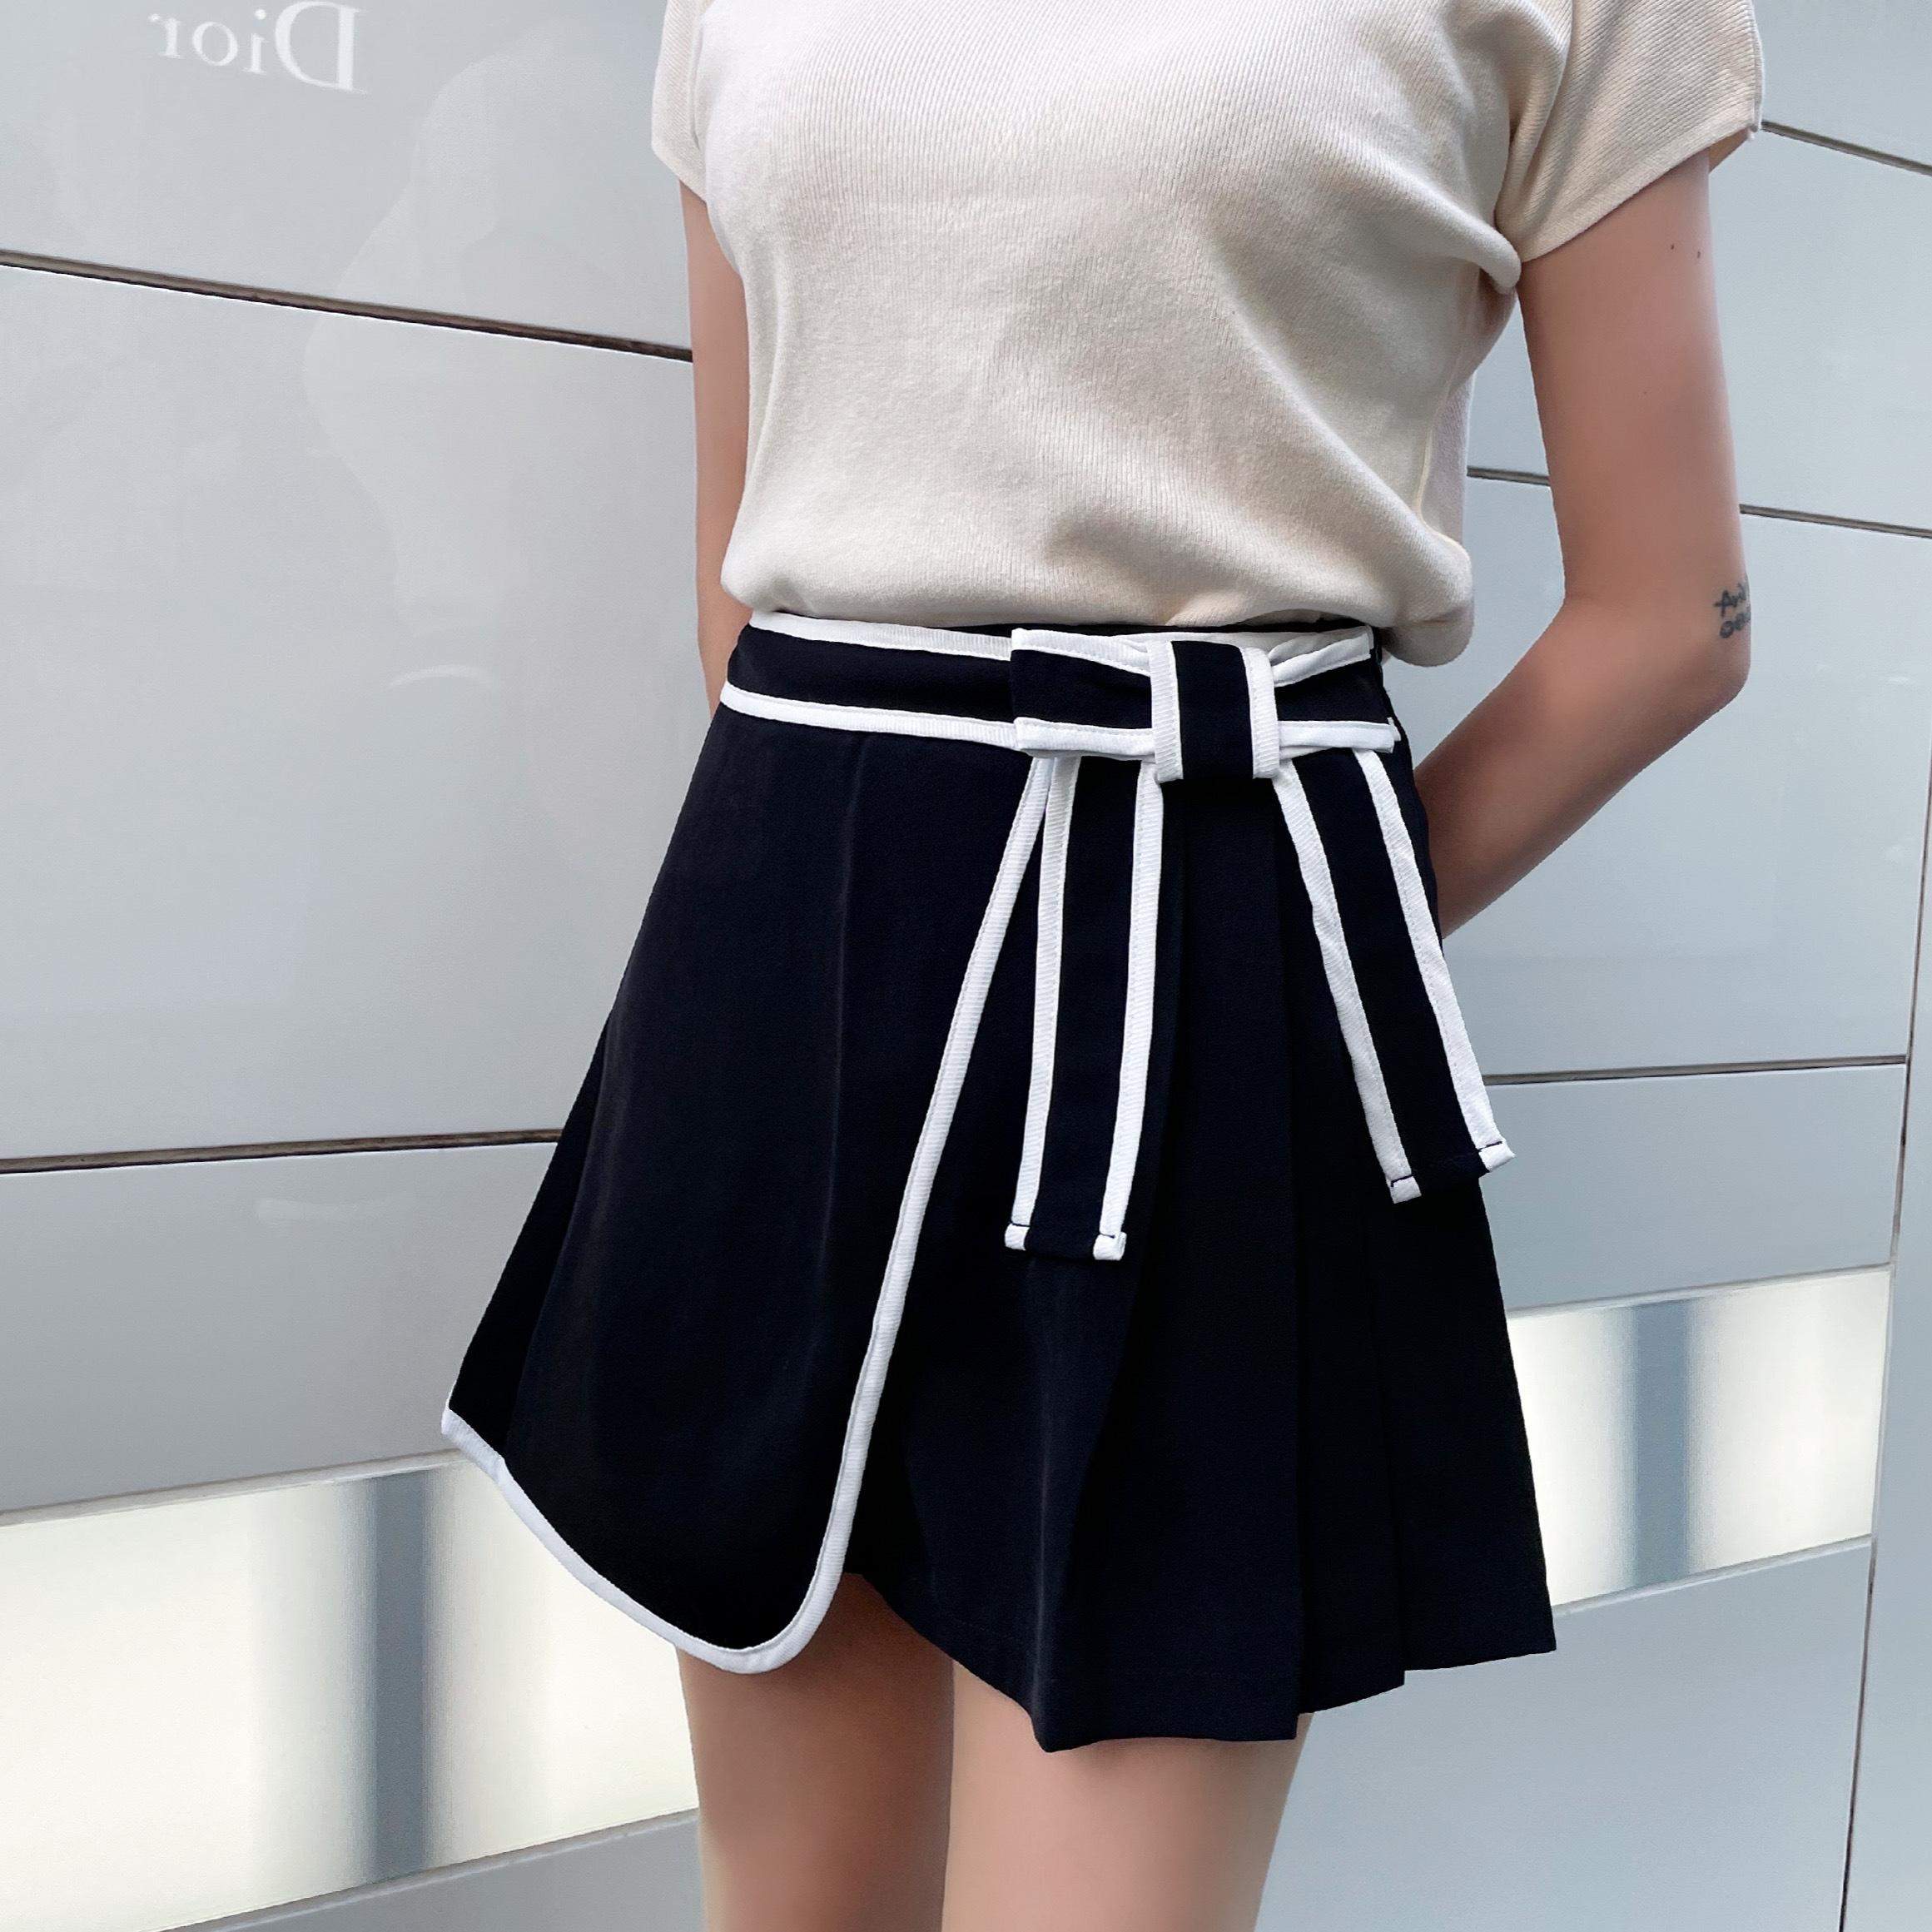 Ribbon mini sk